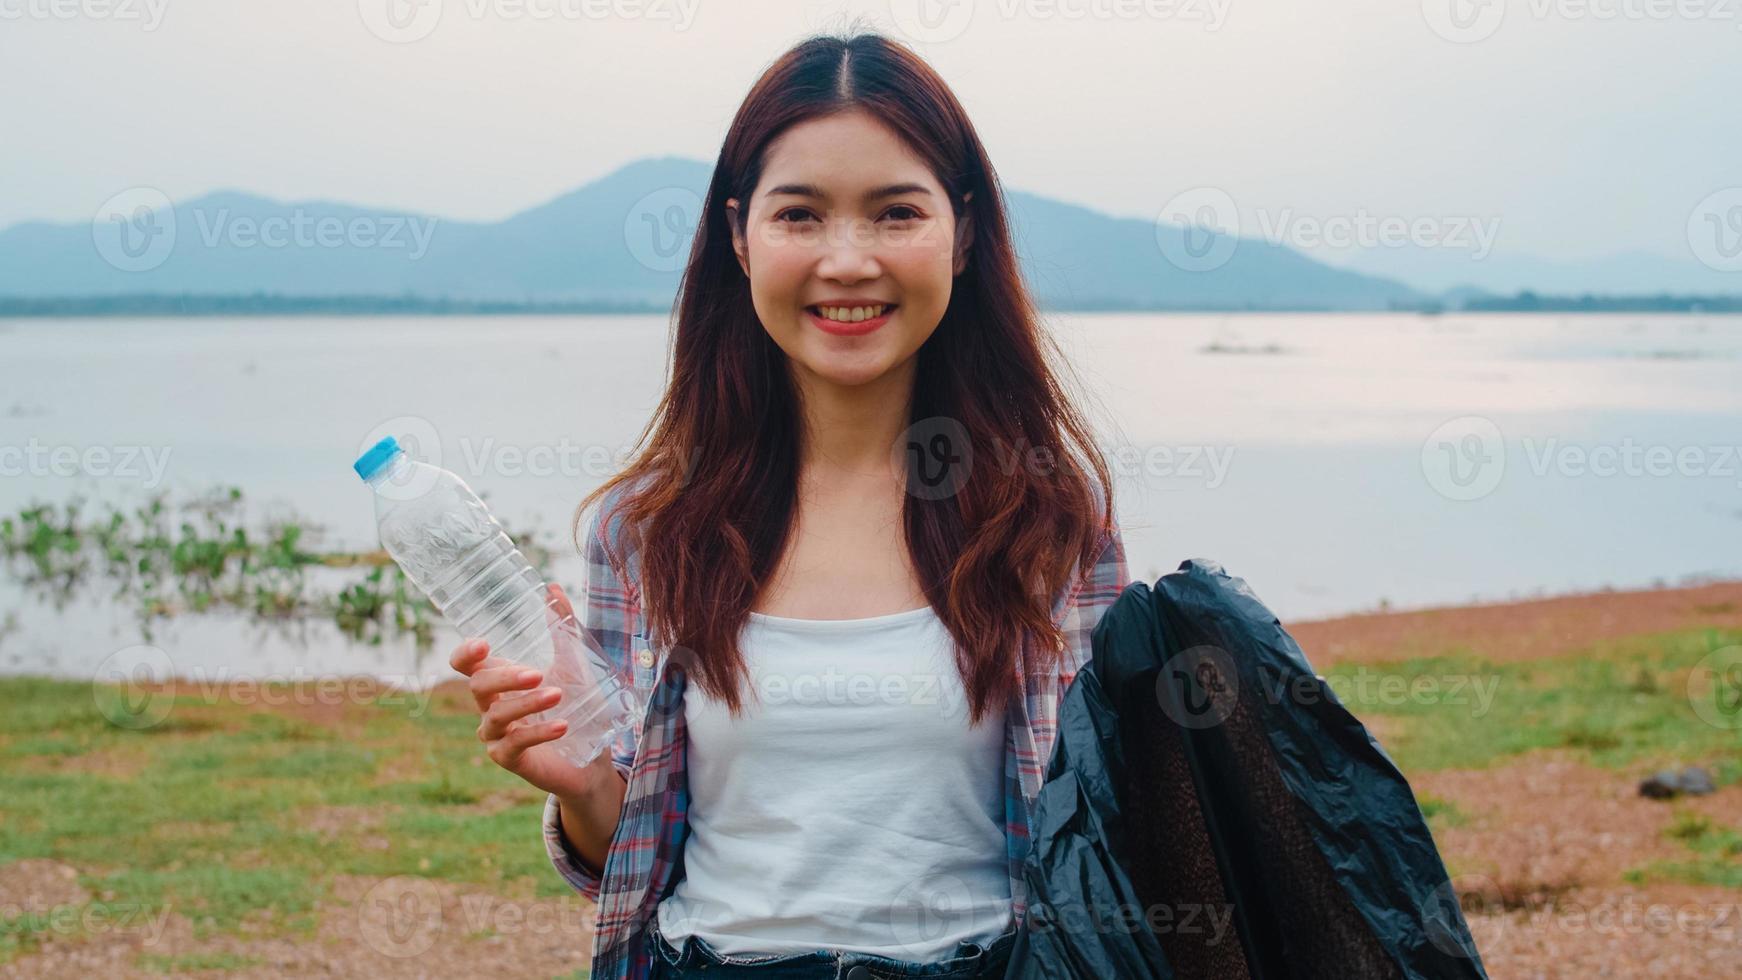 portrait de jeunes femmes asiatiques bénévoles aident à garder la nature propre en tenant des déchets de bouteilles en plastique et des sacs poubelles noirs sur la plage. concept sur les problèmes de pollution de la conservation de l'environnement. photo